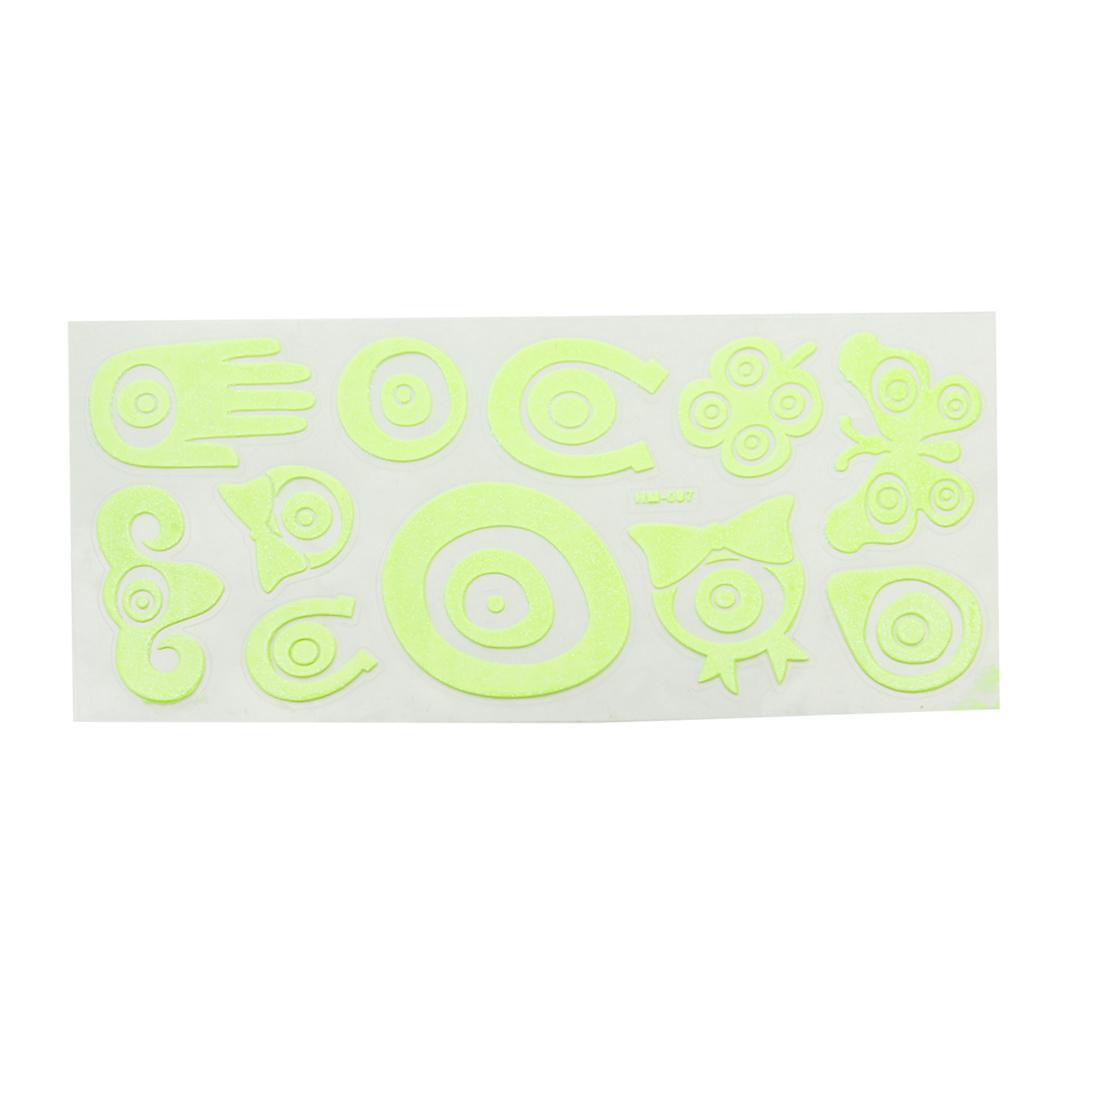 Wall Decor Butterfly Design Light Green Luminous Stickers 12 Pcs